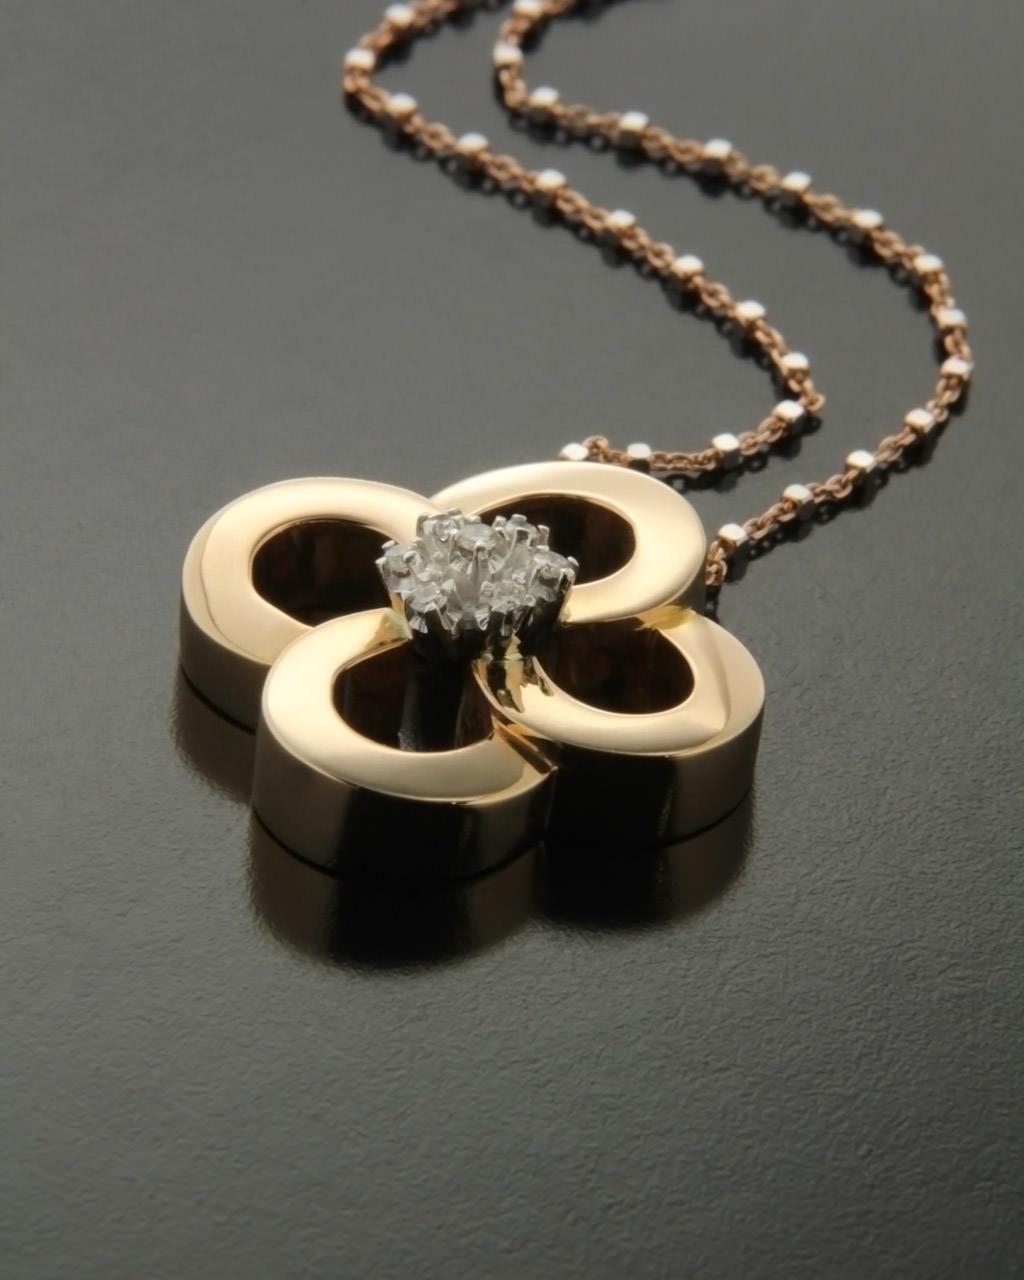 Σταυρός ροζ χρυσός & λευκόχρυσος Κ18 με Διαμάντια   γυναικα σταυροί γυναικείοι σταυροί με διαμάντια